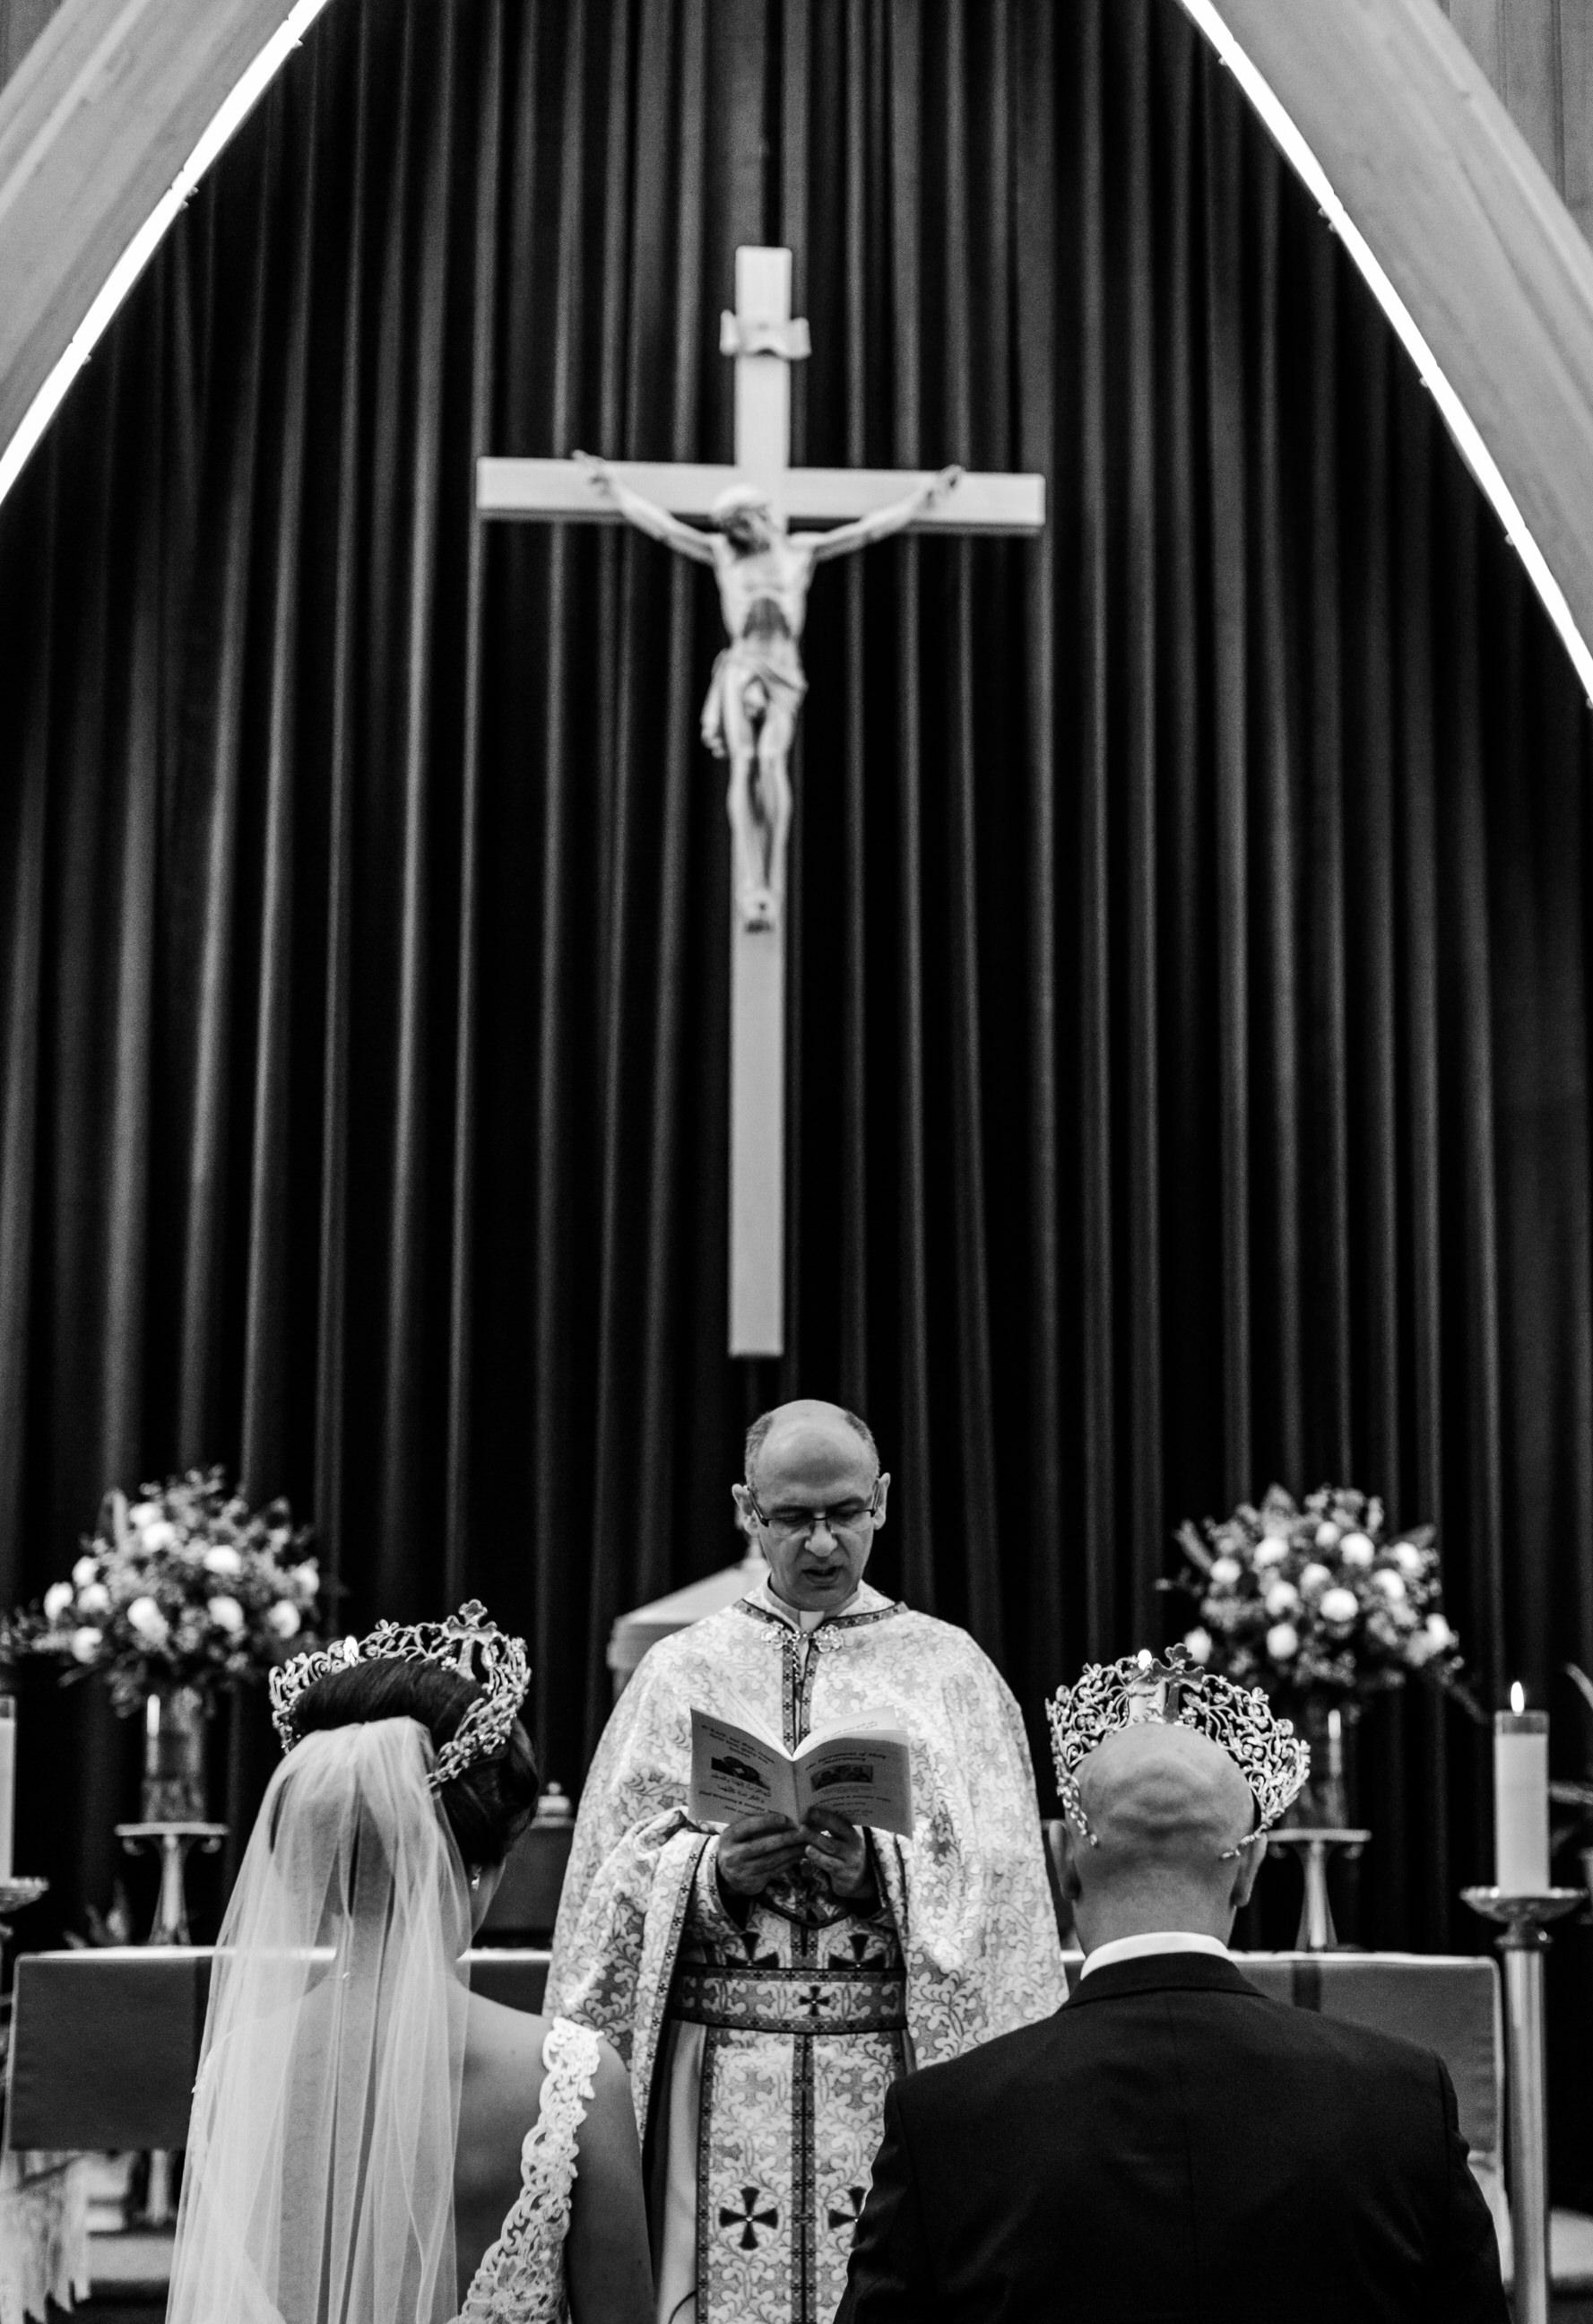 Pitt Meadows Wedding Photographer - Sky Hangar Wedding Photos - Vancouver Wedding Photographer & Videographer - Sunshine Coast Wedding Photos - Sunshine Coast Wedding Photographer - Jennifer Picard Photography - 1A5A1126.jpg